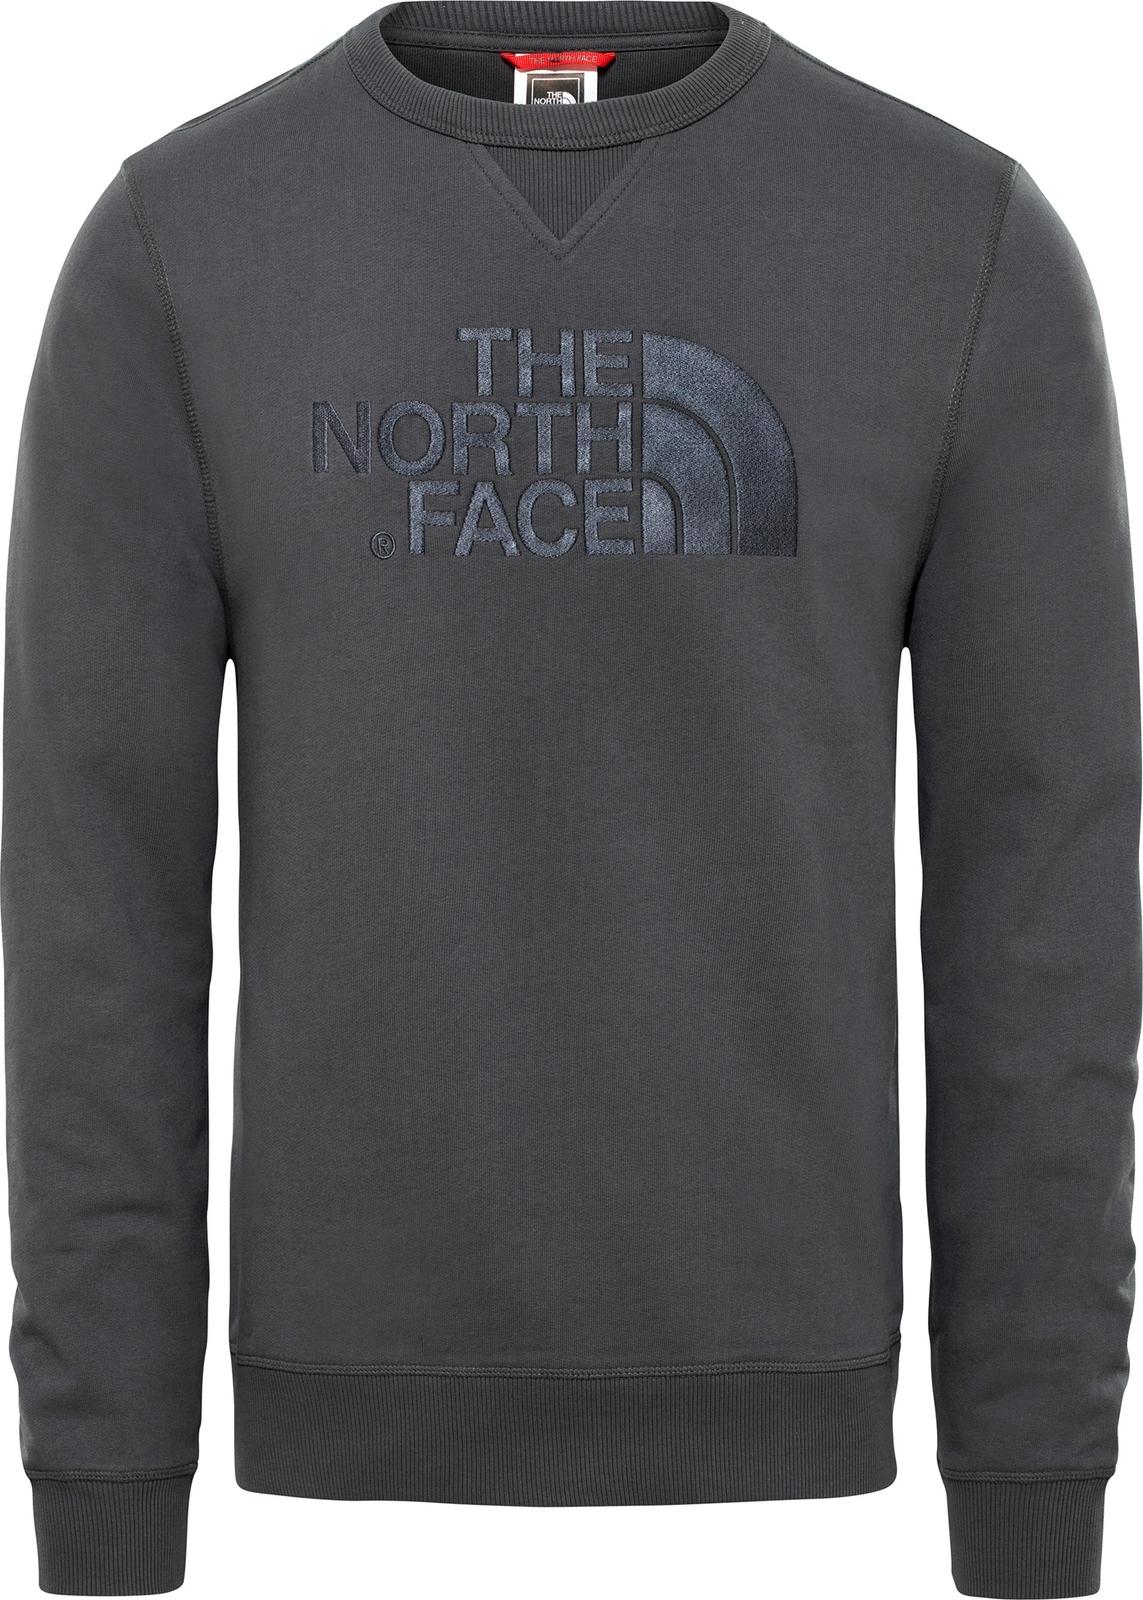 цена Свитшот The North Face Drew Peak Crew Lht онлайн в 2017 году